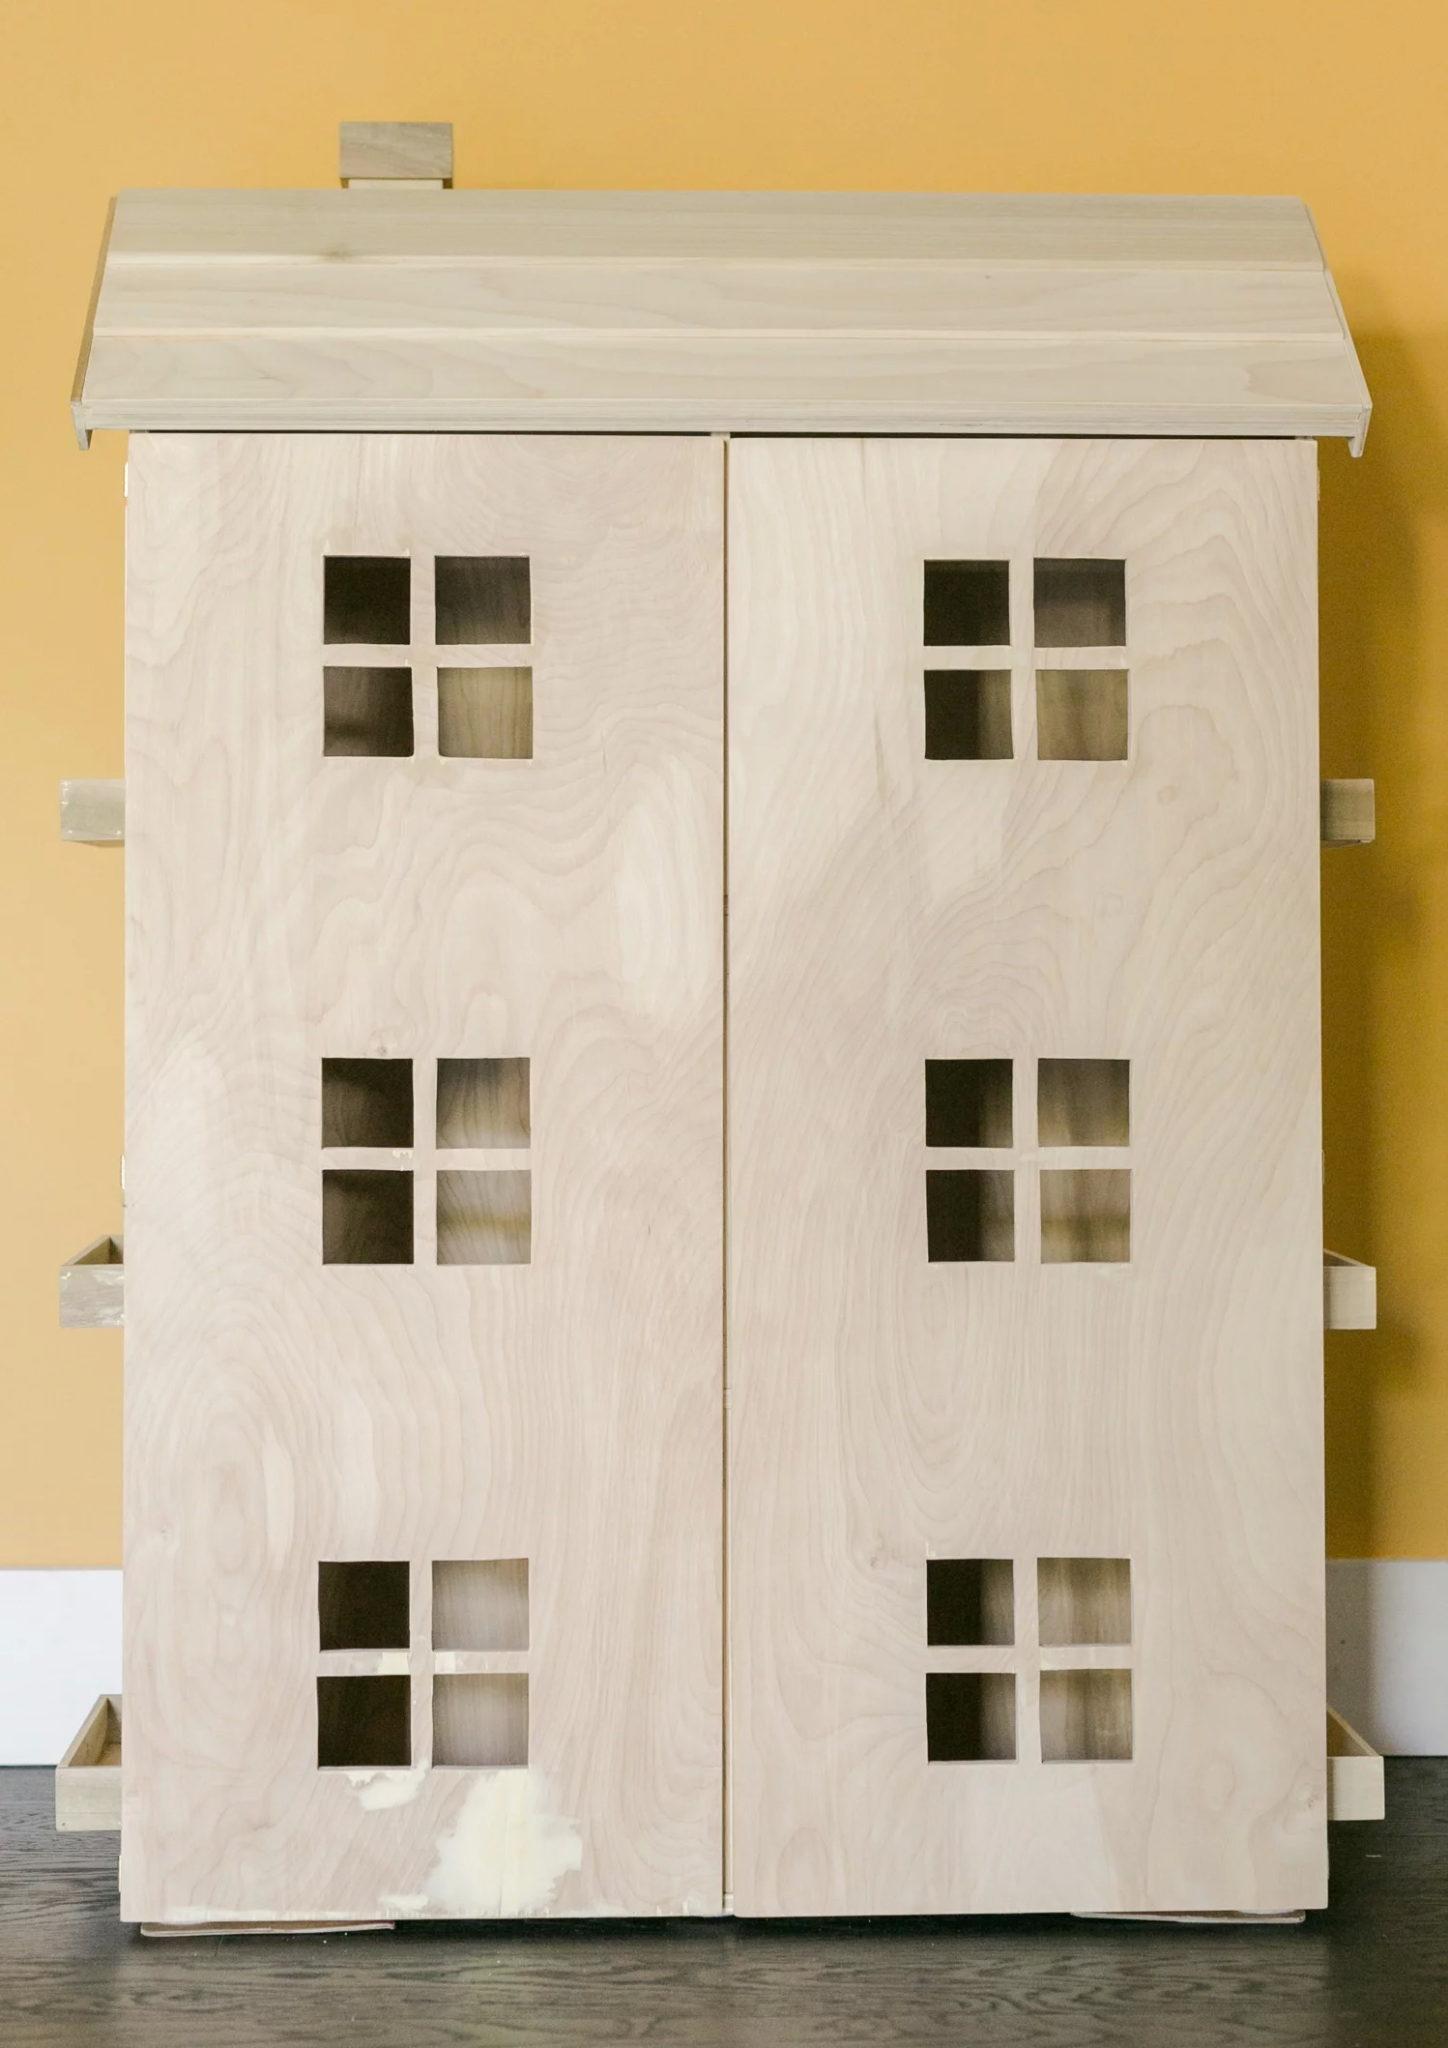 Домик для кукол из фанеры своими руками - готовое изделие